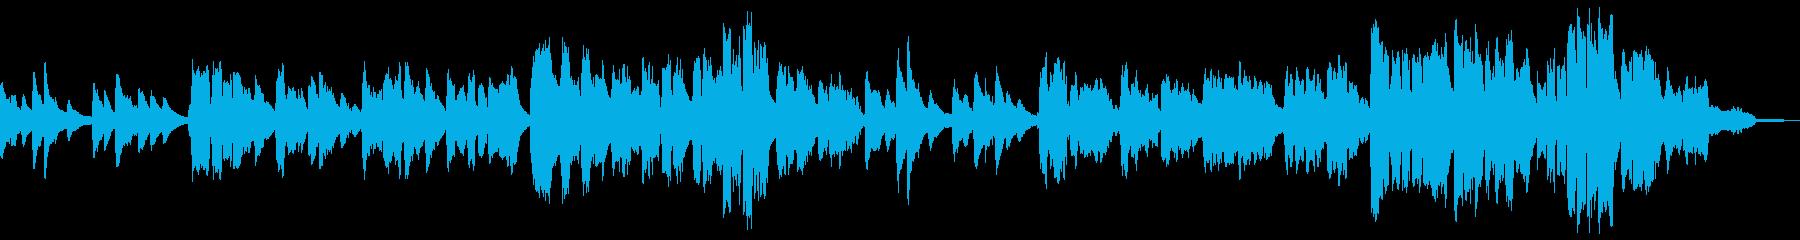 ピアノの弾き語りによる慈愛に溢れる唱歌の再生済みの波形